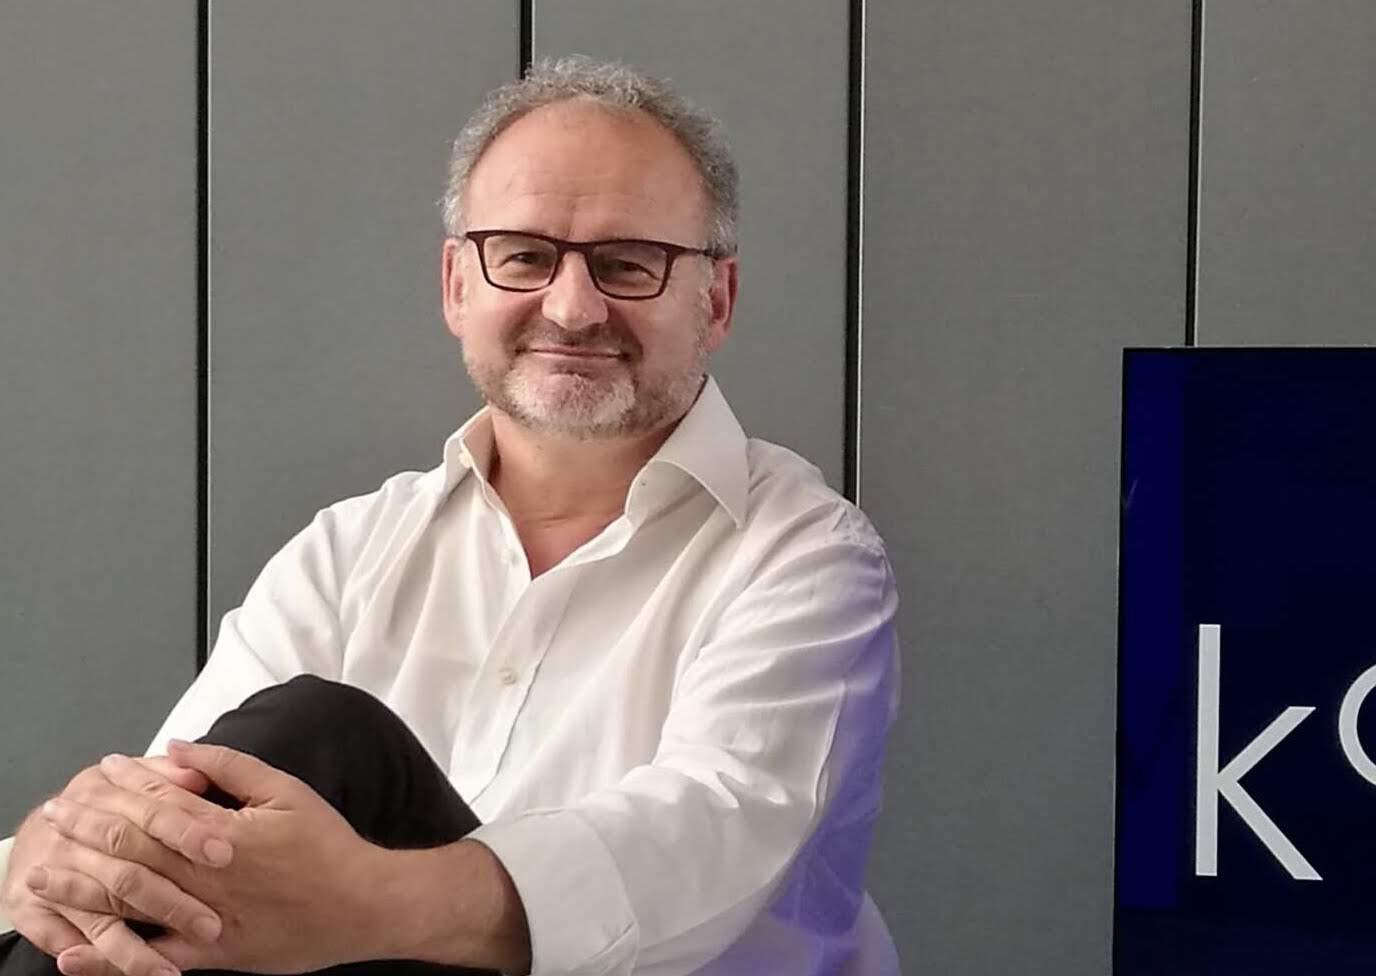 Philippe Kern cultura e salute